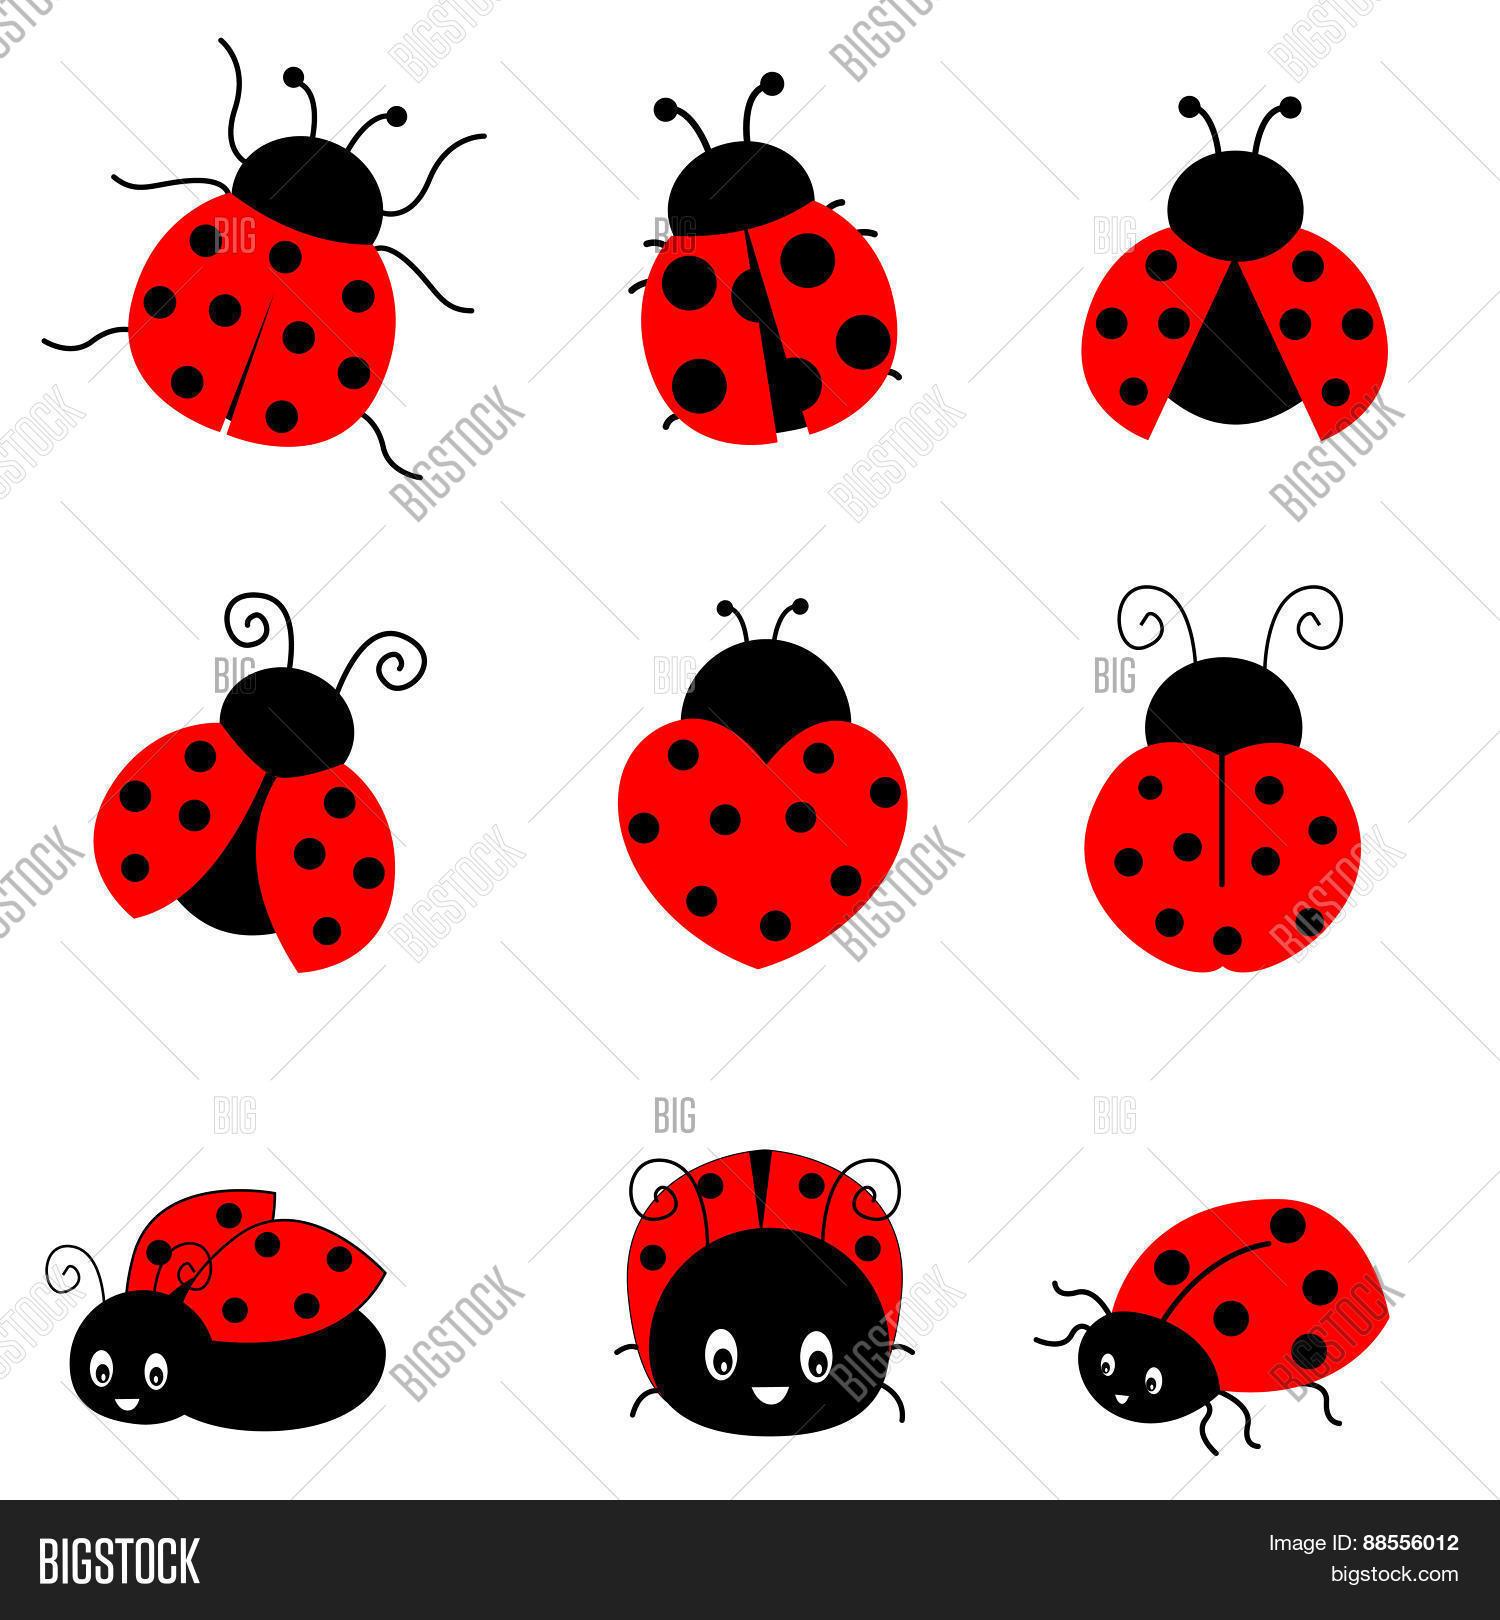 Ladybugs Image & Photo (Free Trial).